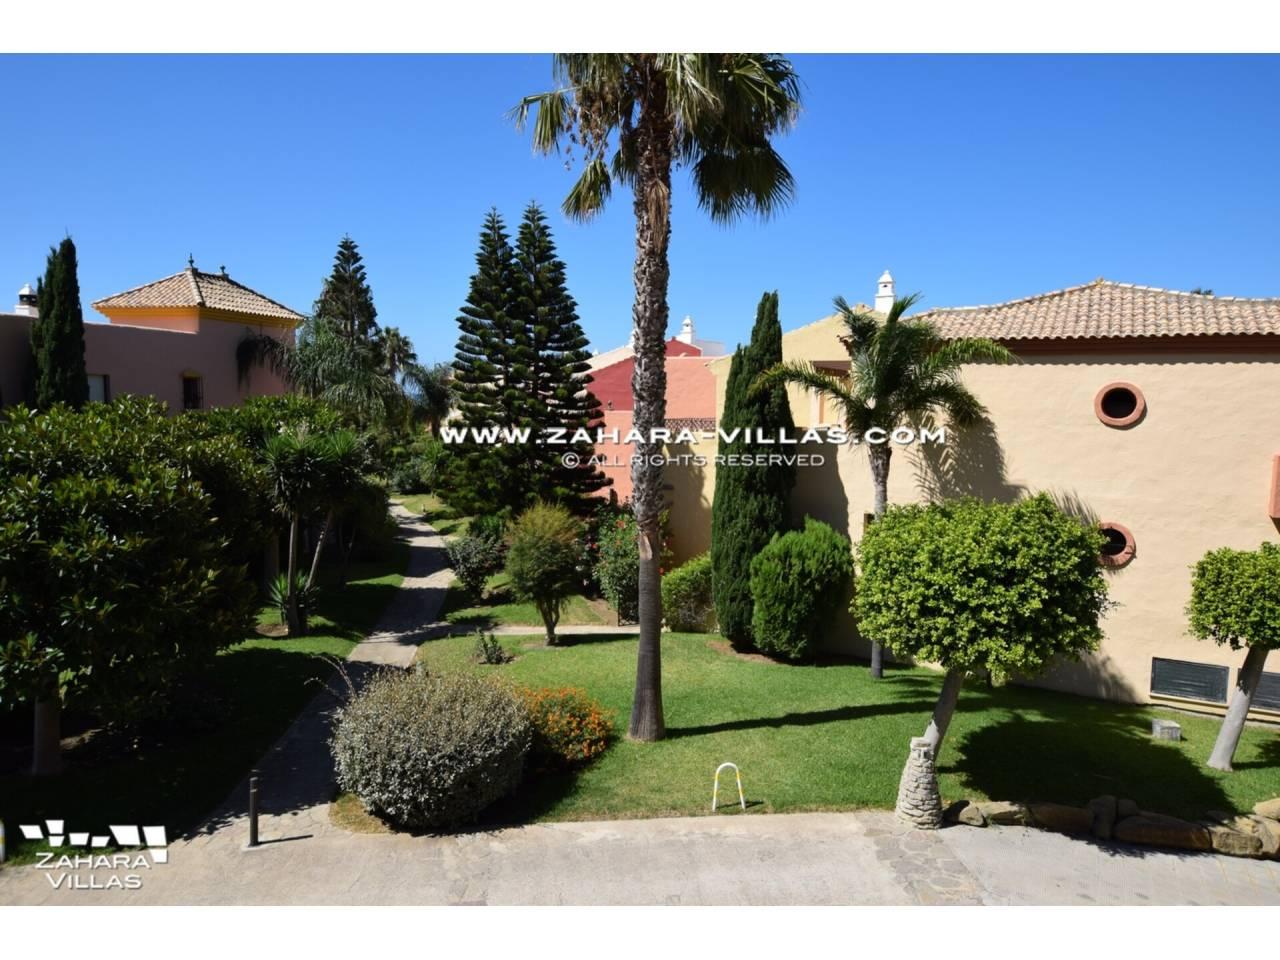 Imagen 3 de Apartamento en venta en urbanización Jardines de Zahara - Atlanterra